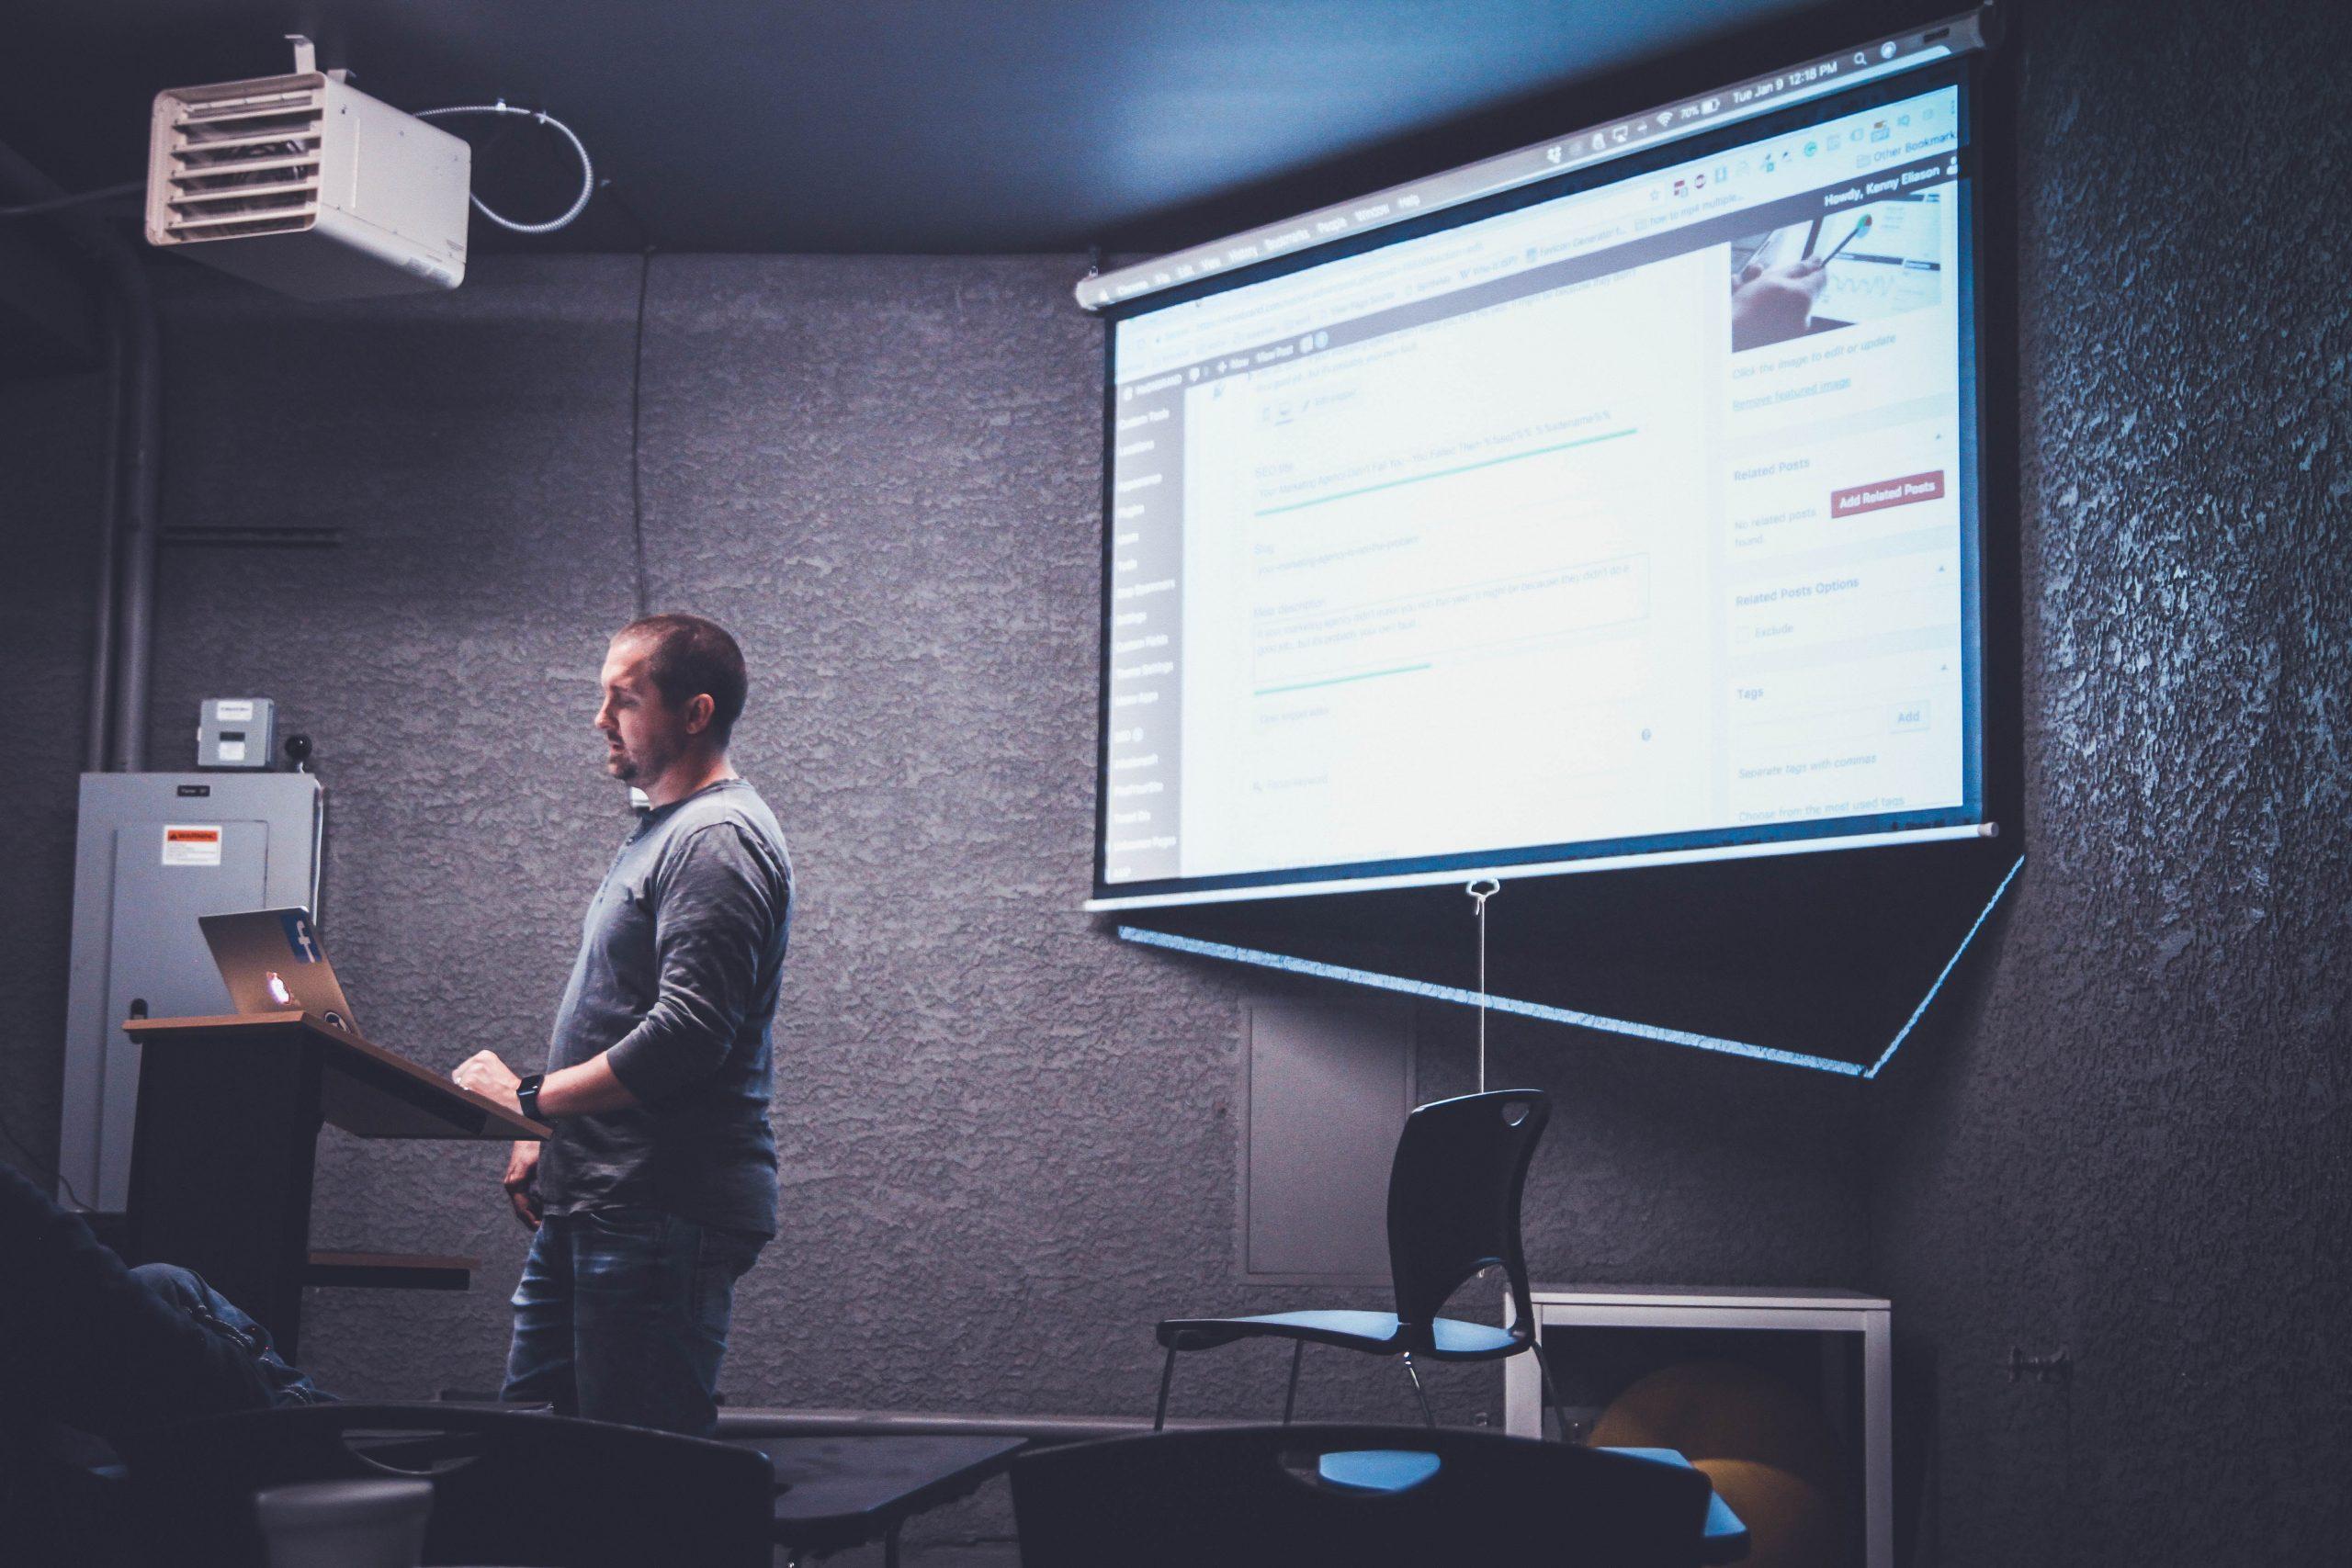 Les avantages d'un vidéoprojecteur en entreprise